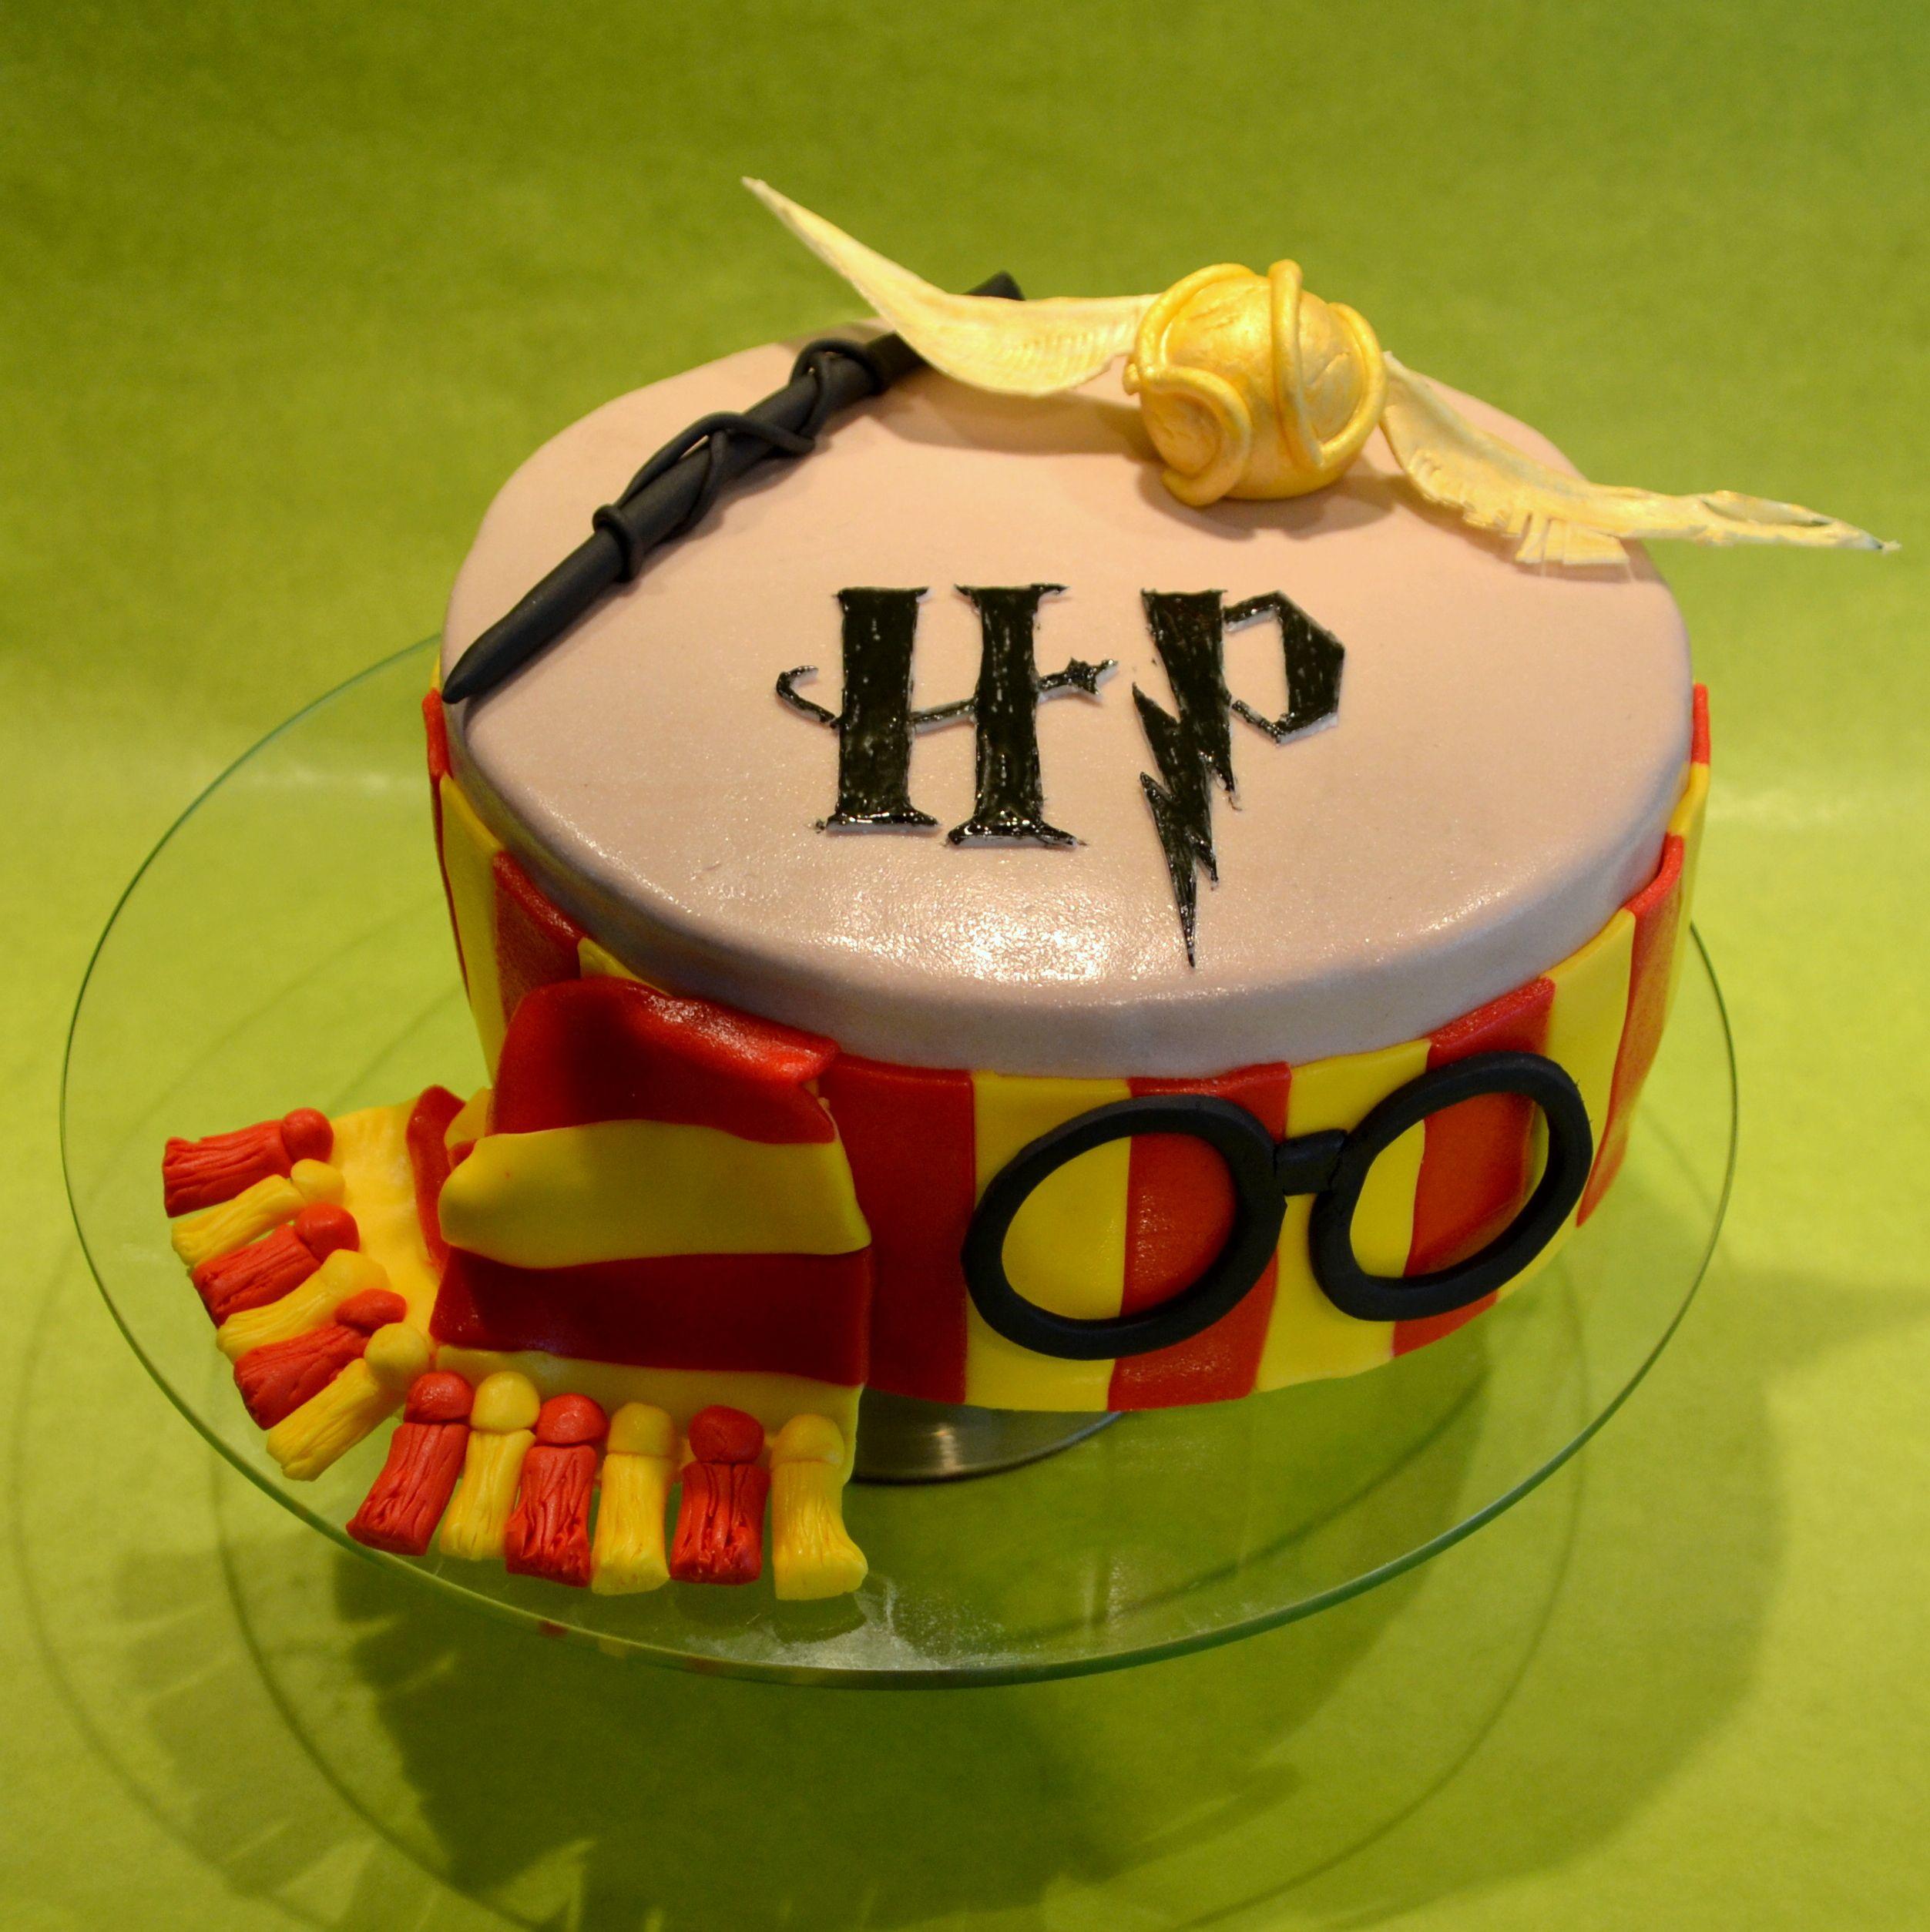 Magnifiek harry potter taart maken - Google zoeken | Harry Potter in 2019 &OW79